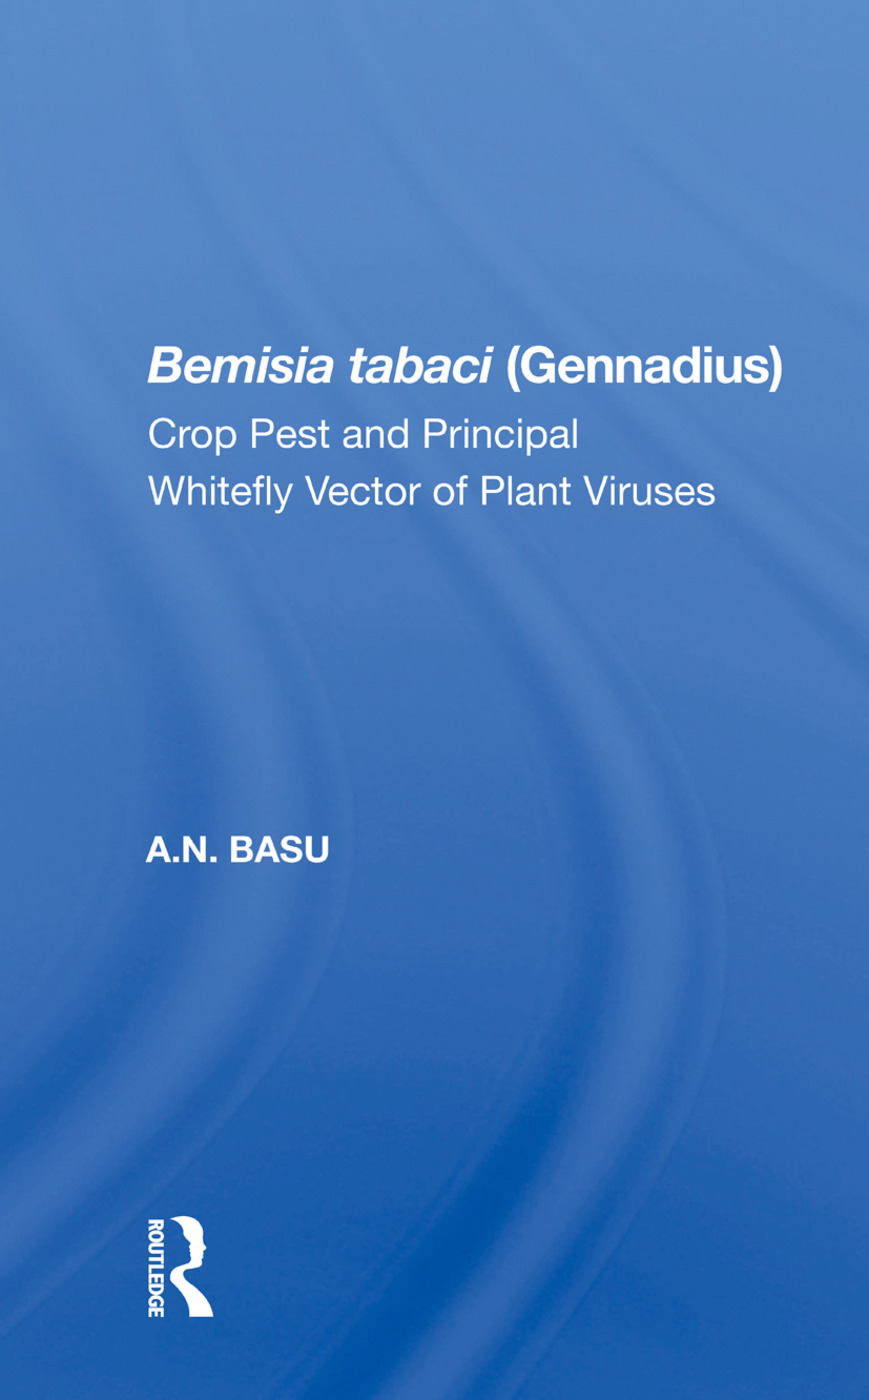 Bemisia tabaci (Gennadius)